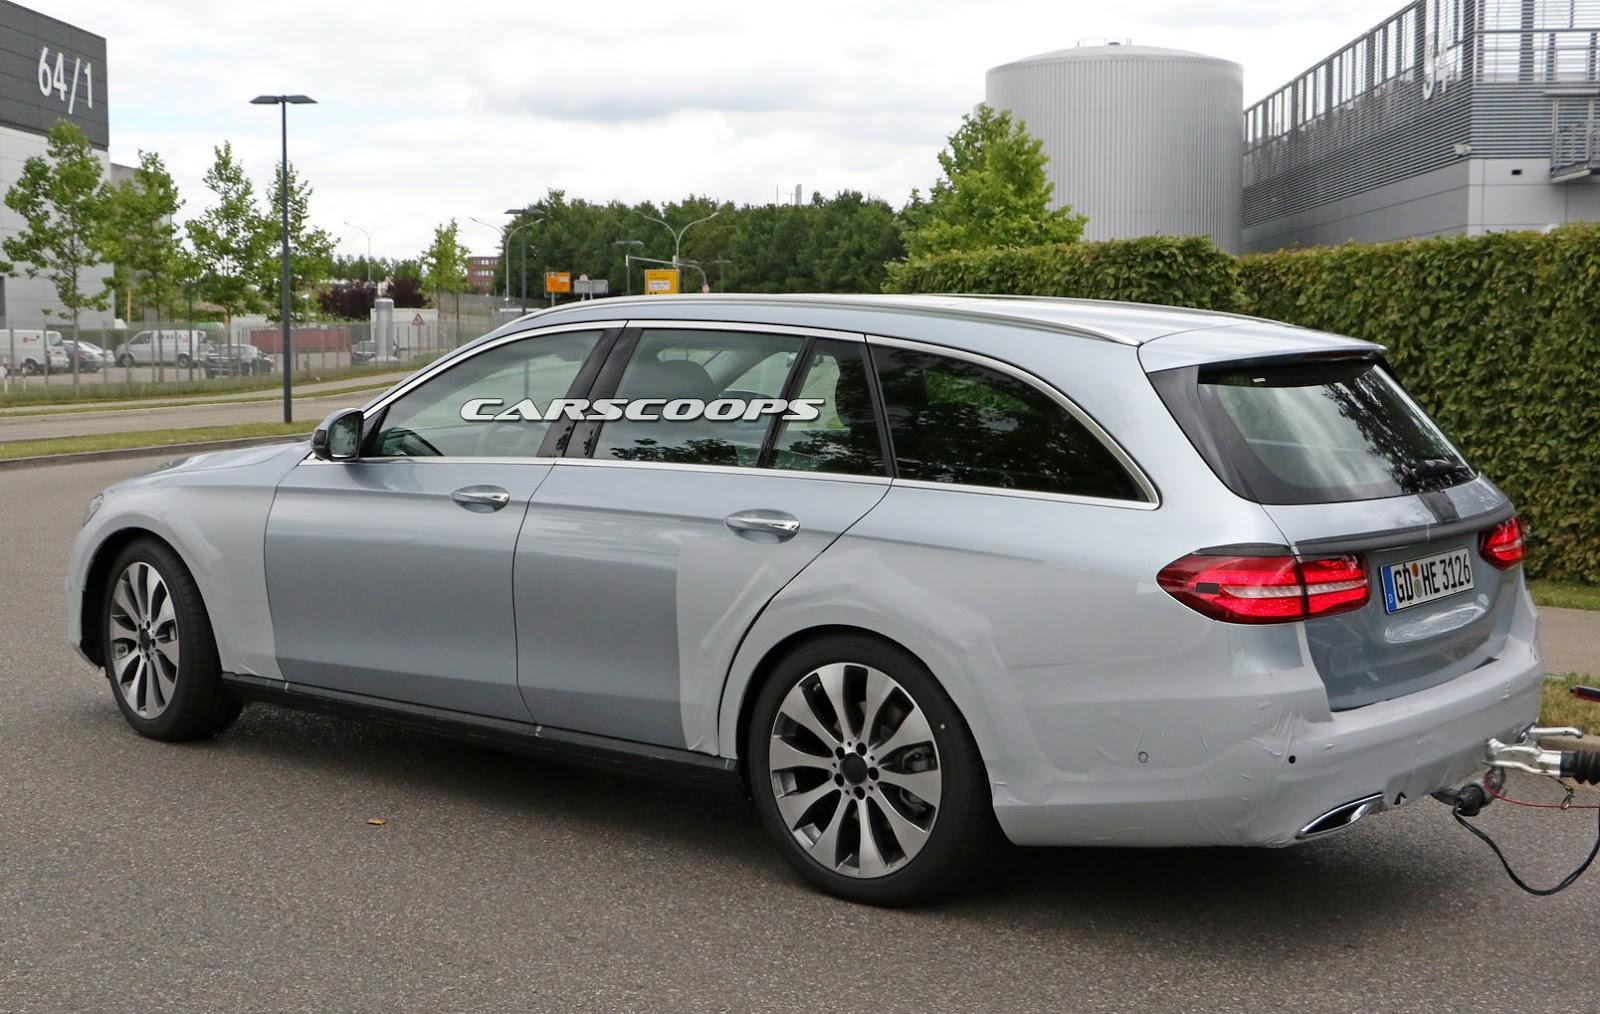 Nuova Mercedes Classe E Station Wagon All Terrain foto spia 16 settembre 2016